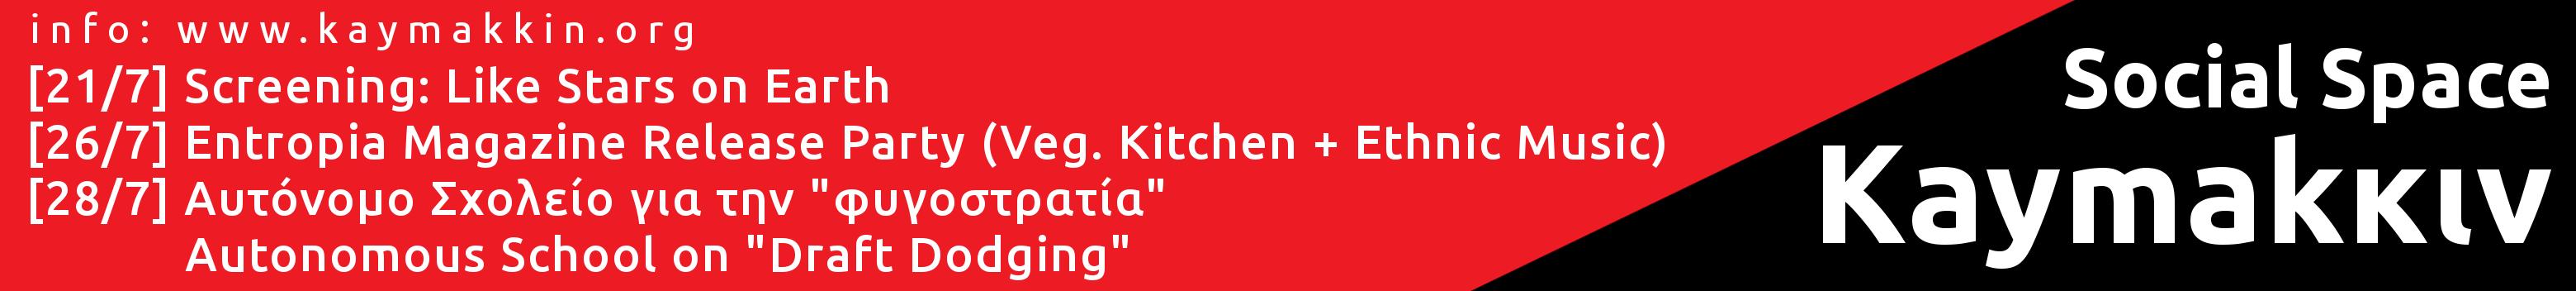 [20/7] Ομάδα Γρανάζι: Οι εξελίξεις σε Κύπρο, Ευρώπη & Τουρκία / [21/7] Screening: Like Stars on Earth / [26/7] Entropia Magazine Release Party (Veg. Kitchen + Ethnic Music) / [28/7] Αυτόνομο Σχολείο για την αποφυγή στράτευσης